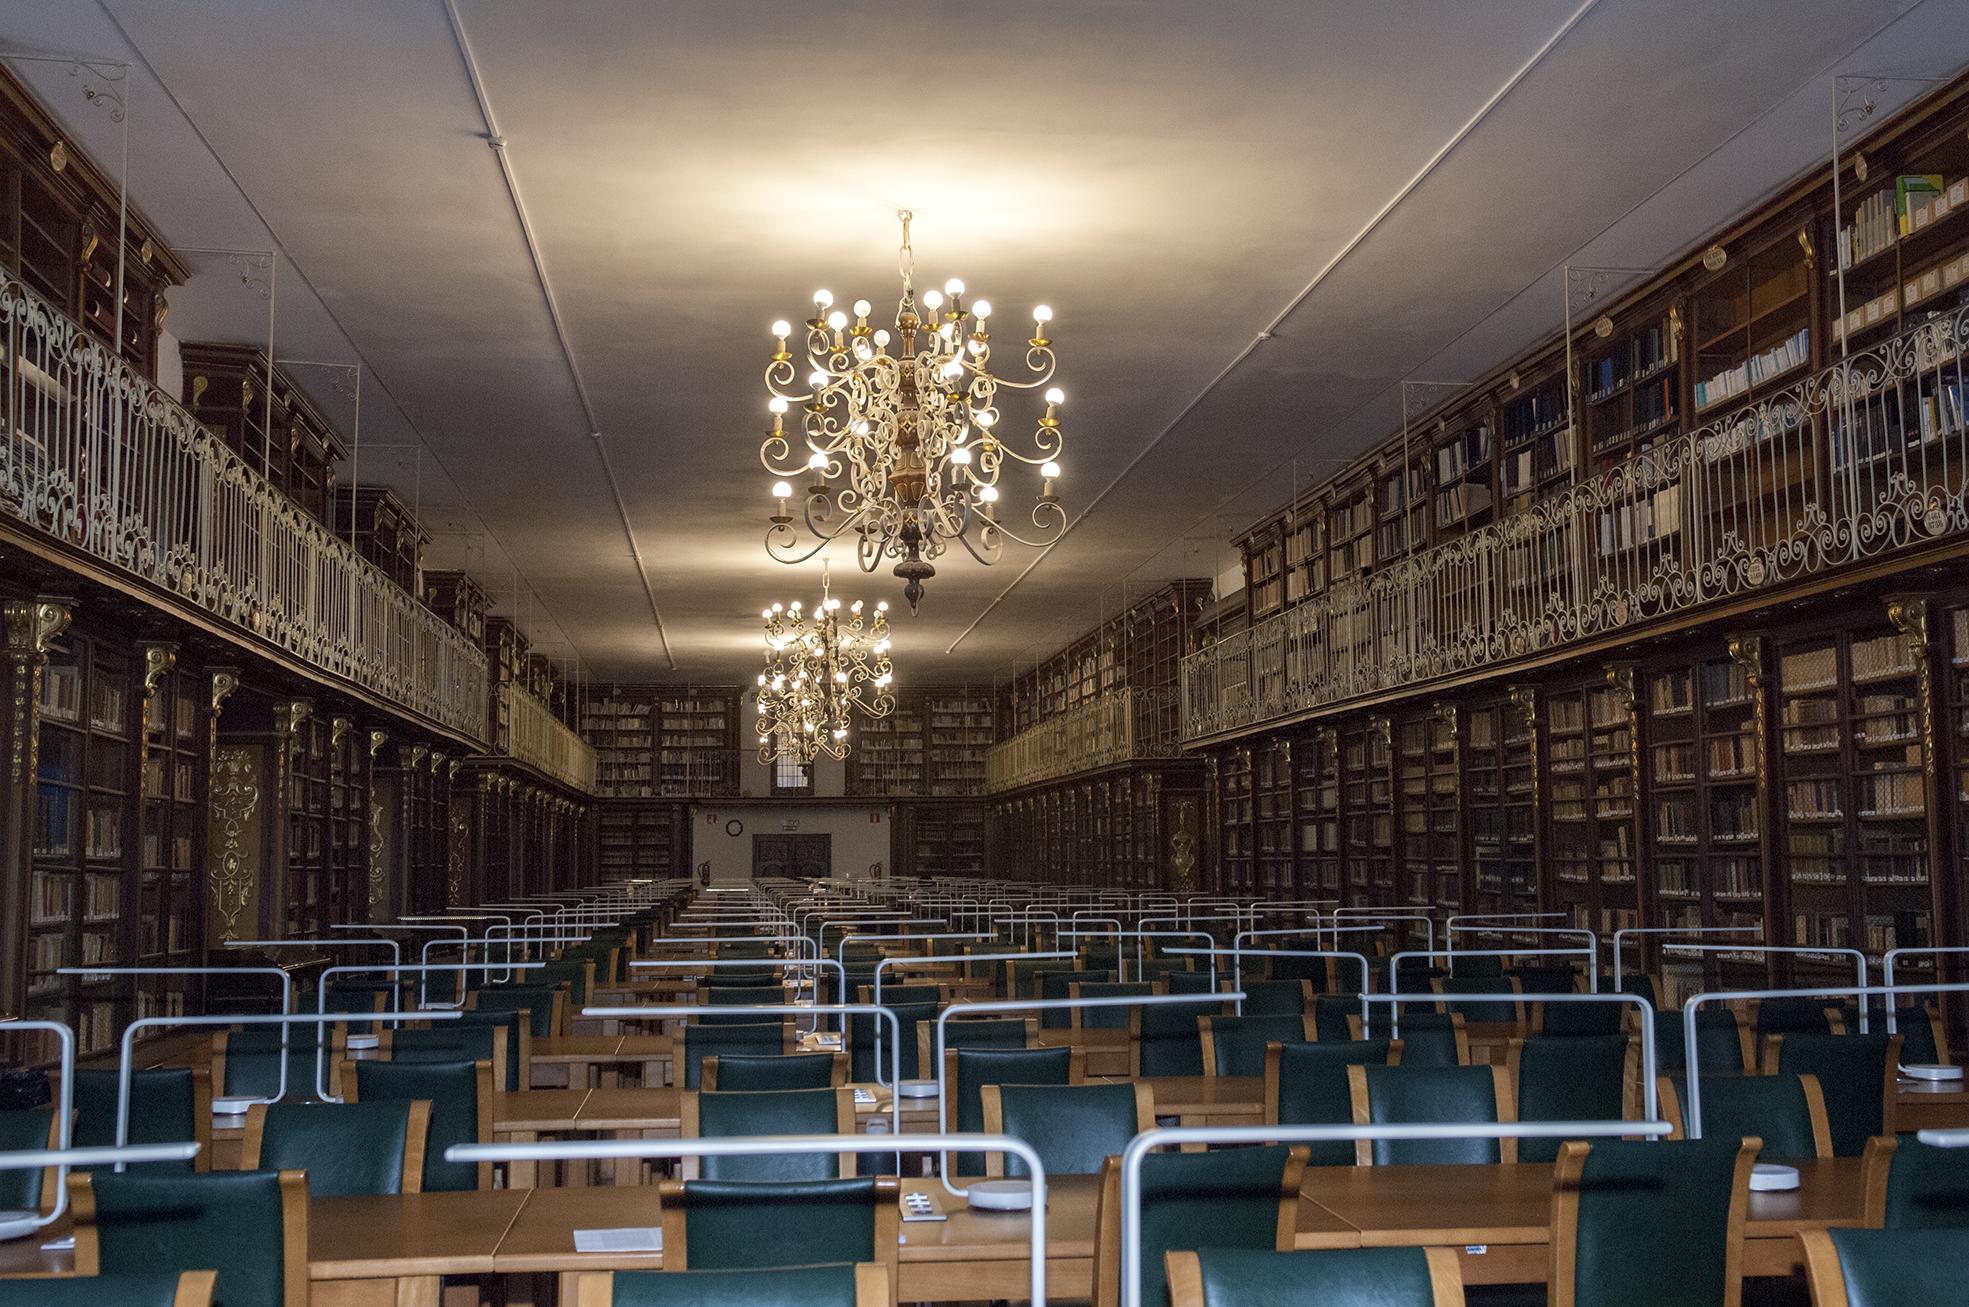 Biblioteca da Facultade de Xeografía e Historia da Universidade de Santiago de Compostela